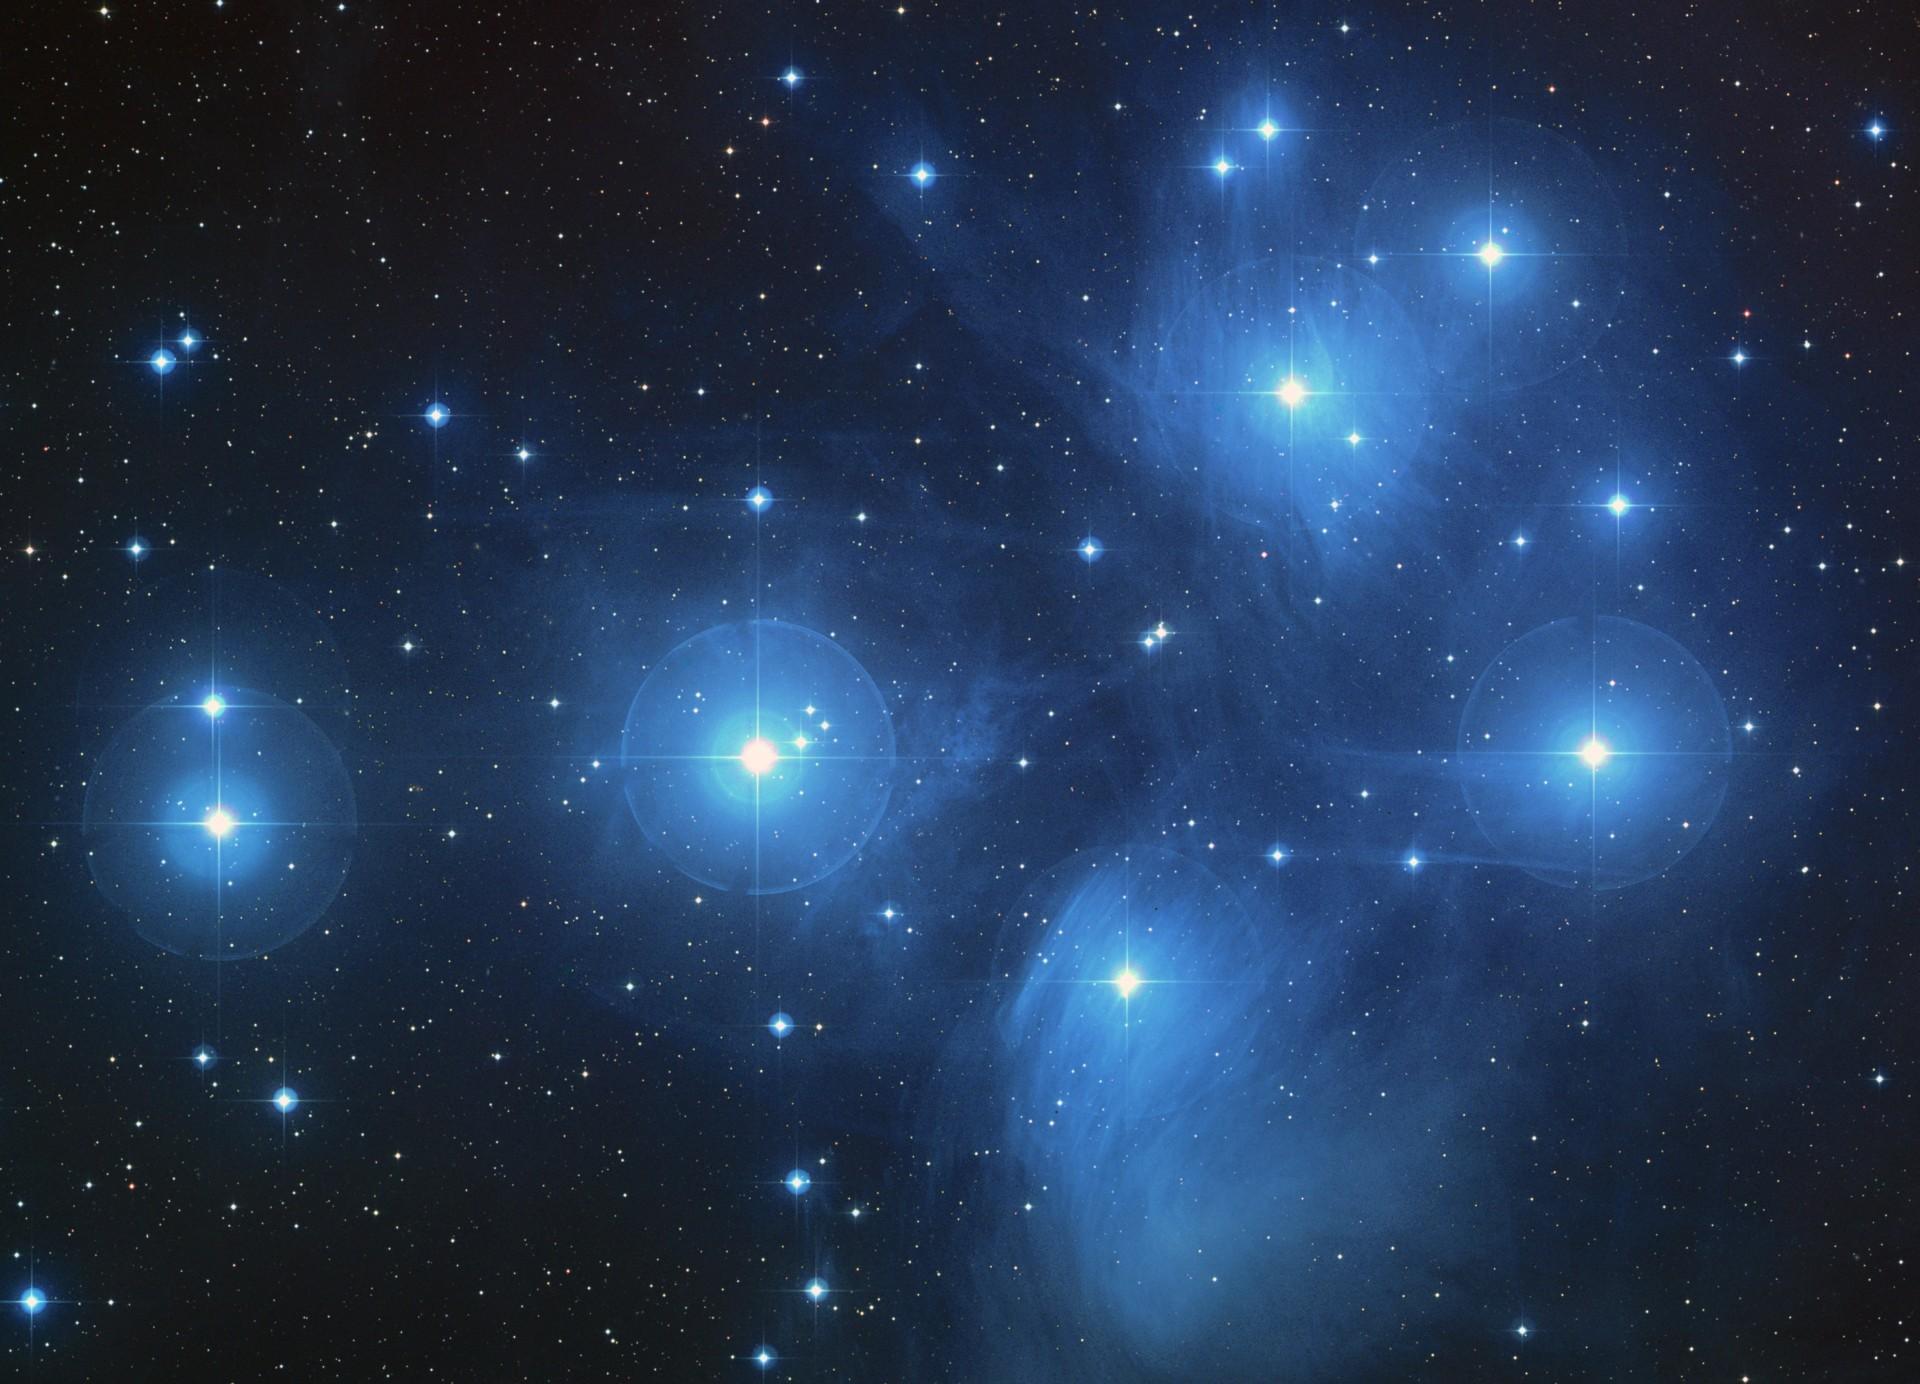 Астрономическая программа определила, в какое время года 2500 лет назад написано стихотворение Сапфо - 2